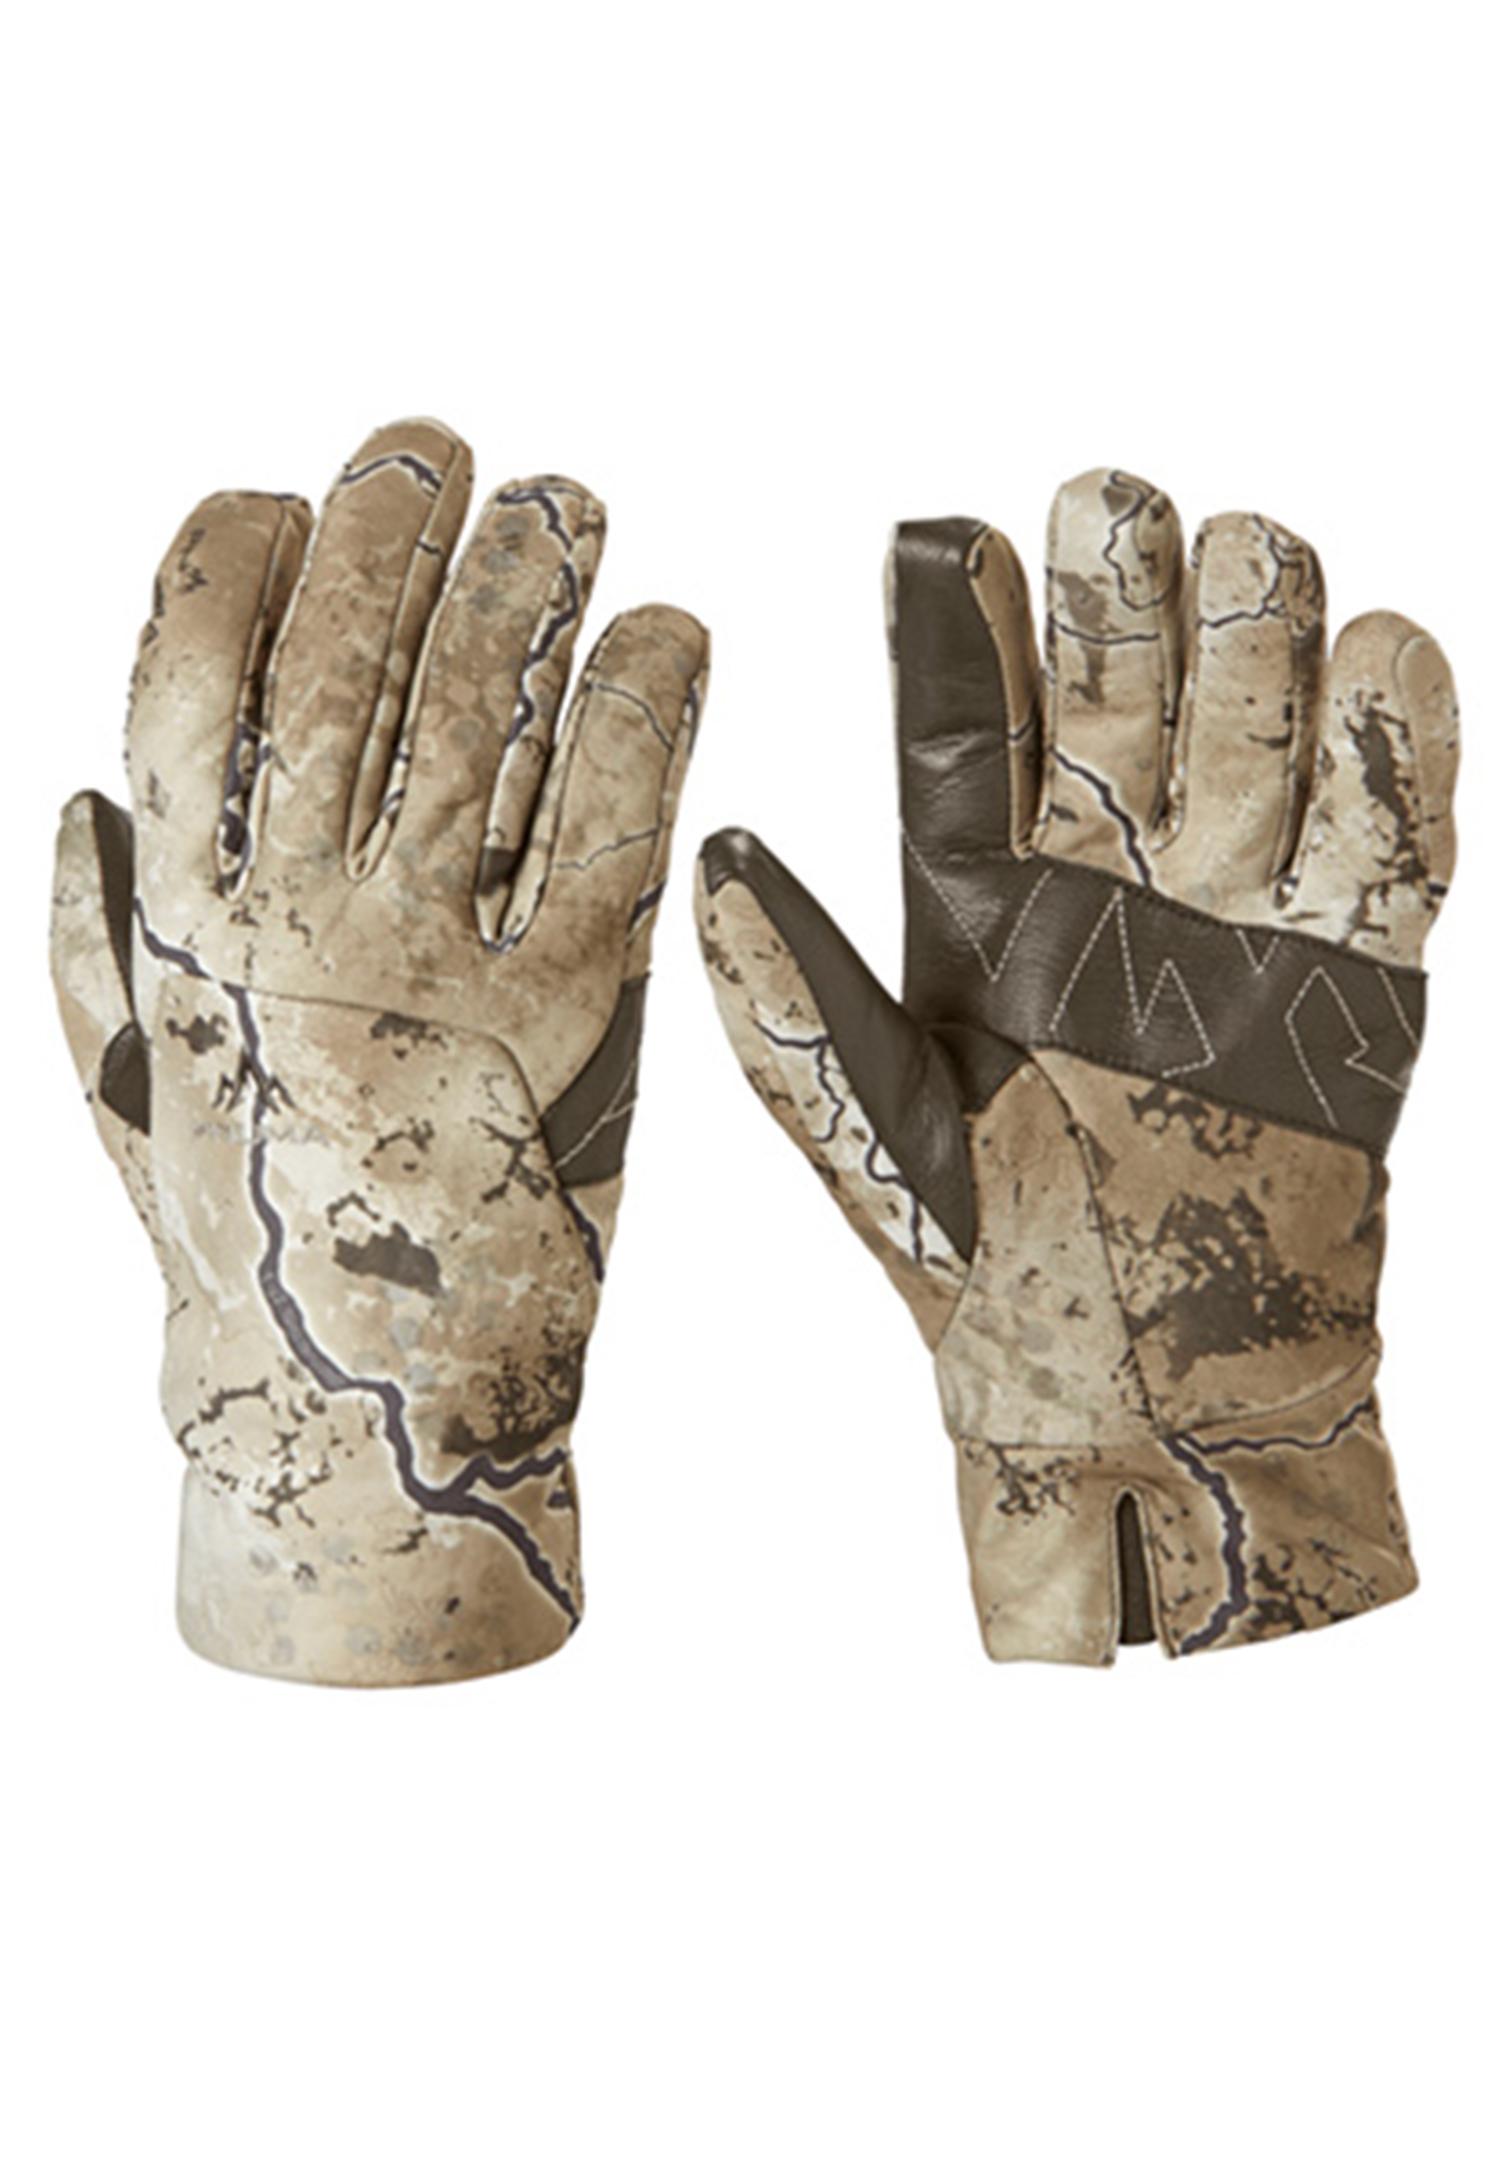 Waypoint Glove